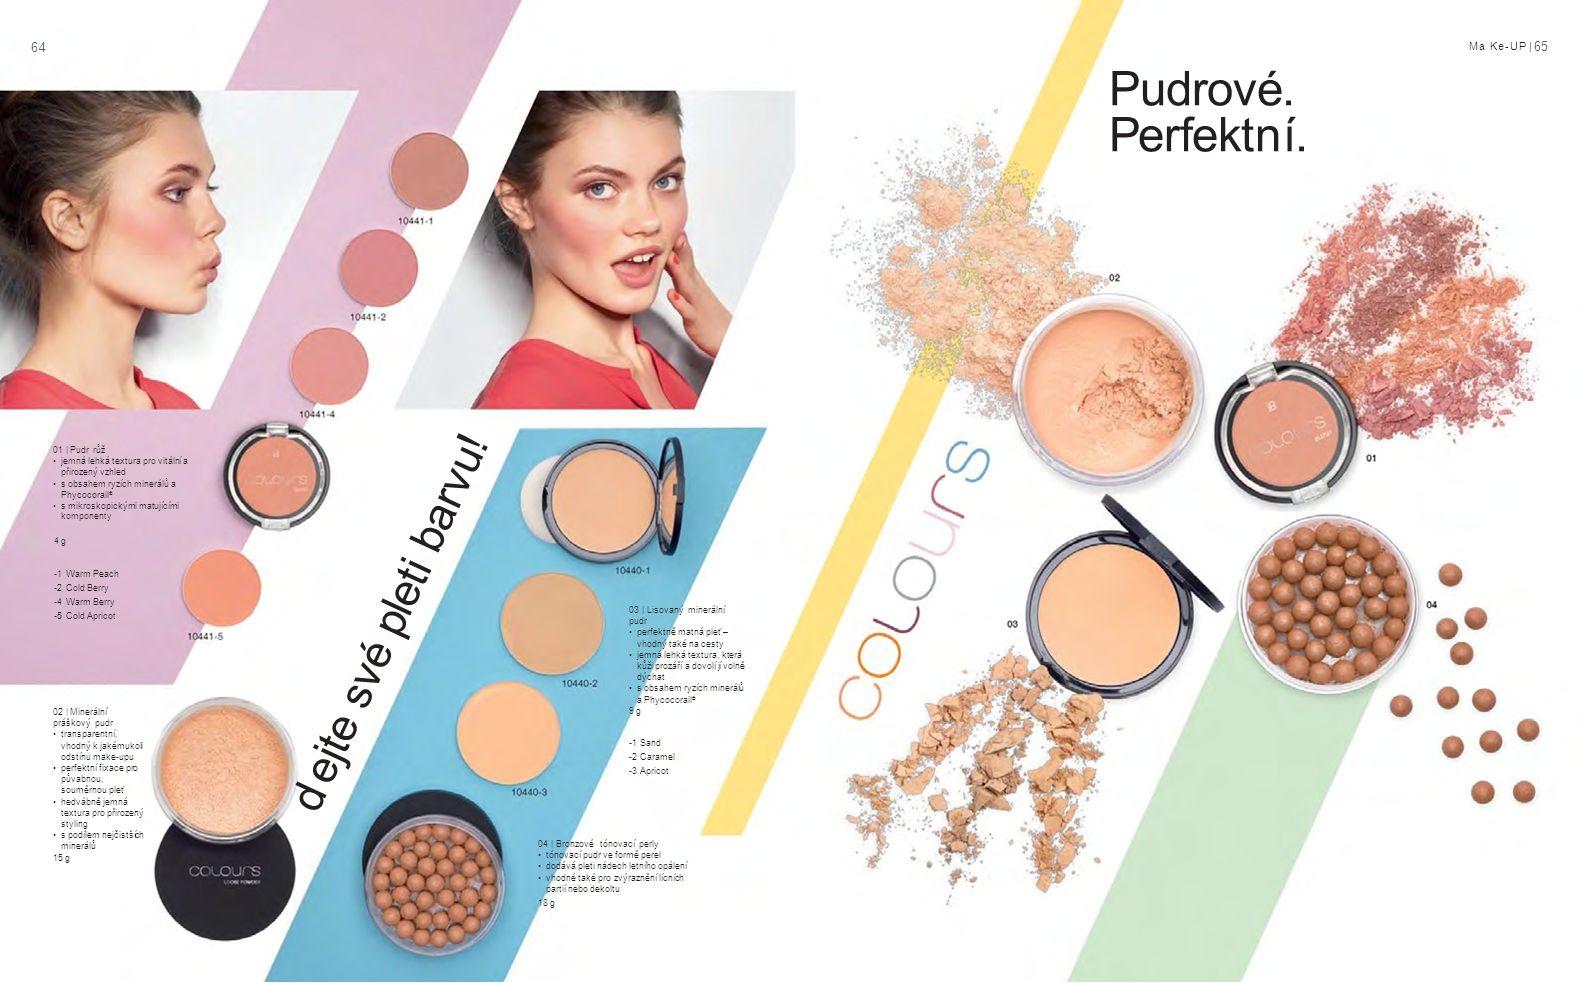 6464 Ma Ke-UP | 65 -1 Sand -2 Caramel -3 Apricot -1 Warm Peach -2 Cold Berry -4 Warm Berry -5 Cold Apricot 01 | Pudr růž jemná lehká textura pro vitální a přirozený vzhled s obsahem ryzích minerálů a Phycocorail ® s mikroskopickými matujícími komponenty 4 g Pudrové.